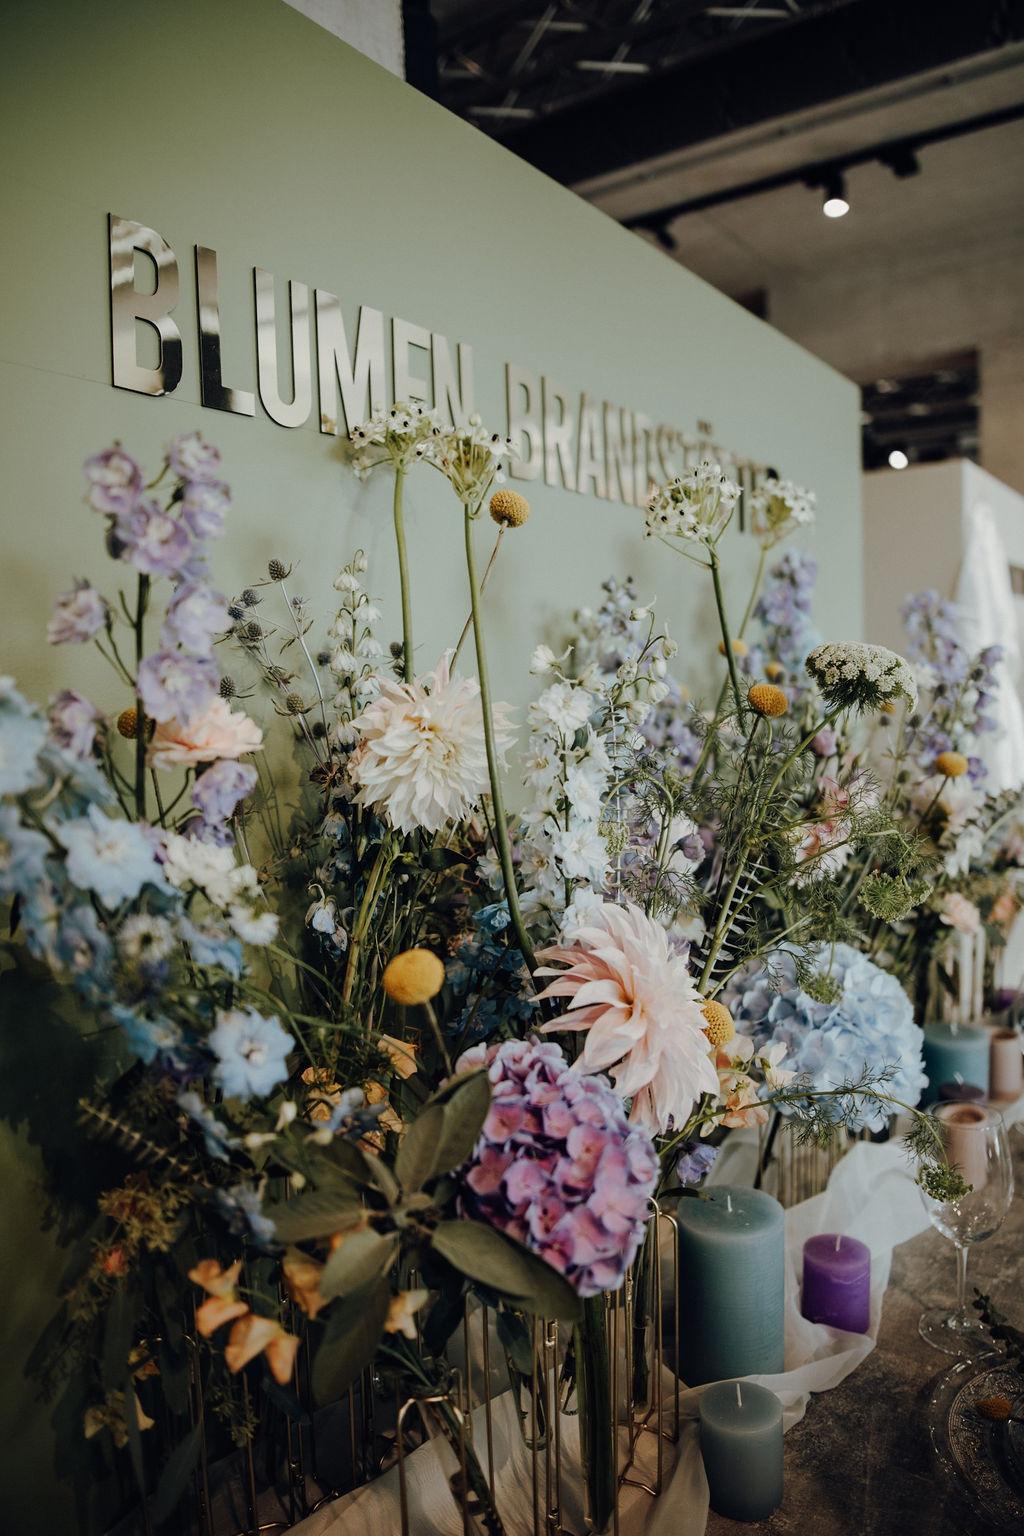 Hochzeitsmesse Salzburg | Luft & Liebe Hochzeitsfestival Panzerhalle 2020